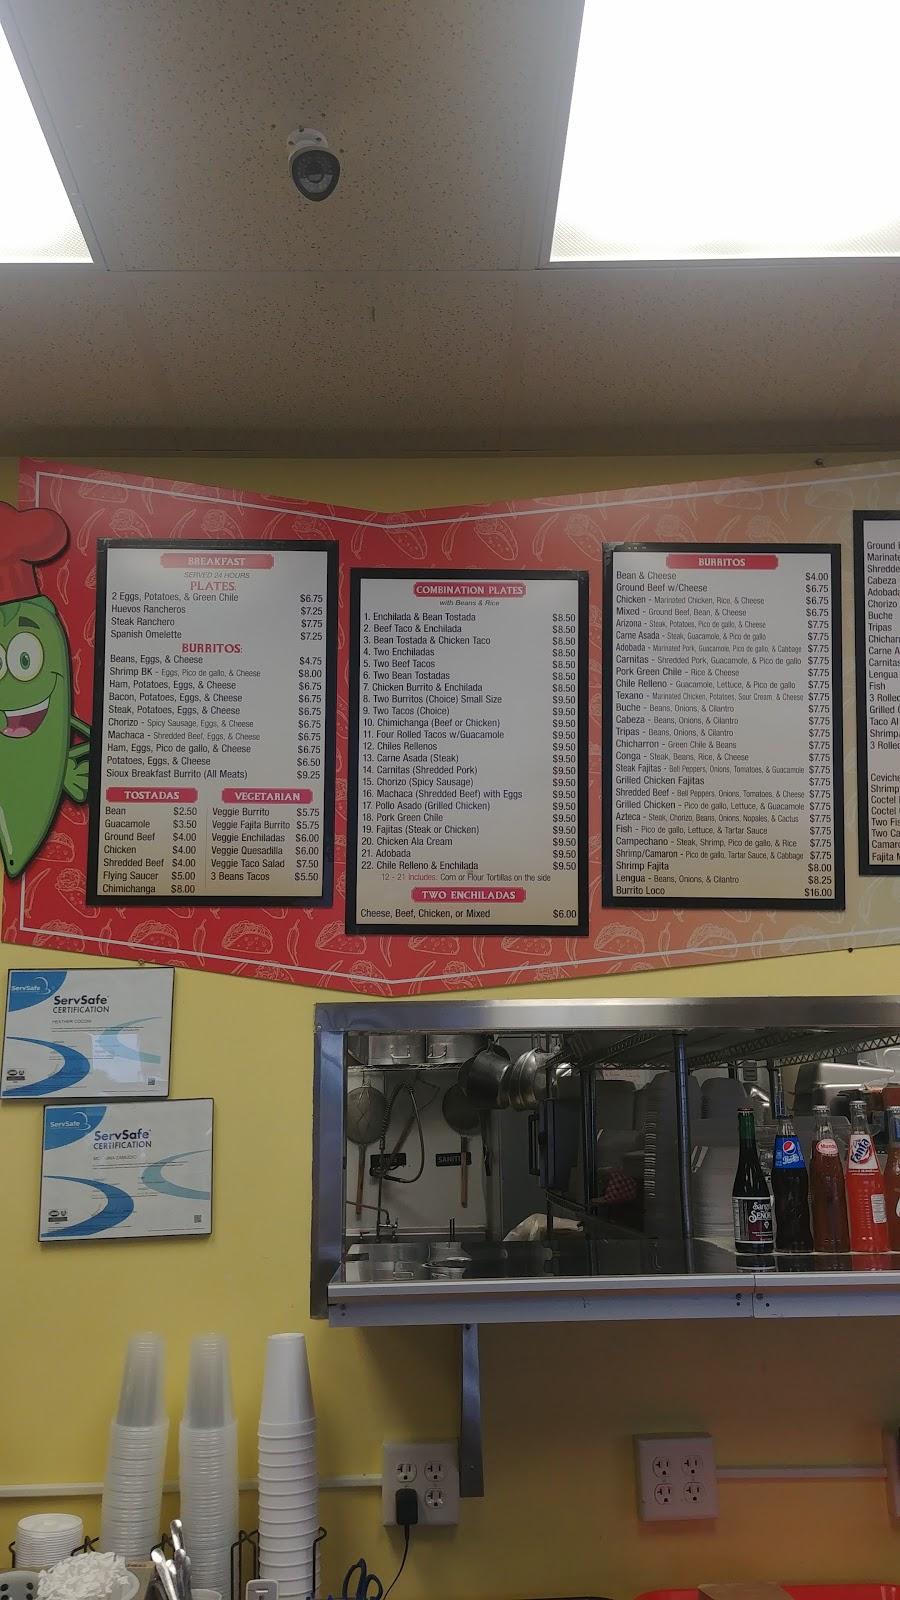 Gilibertos No. 2 | restaurant | 3603 E 10th St, Sioux Falls, SD 57103, USA | 6052742282 OR +1 605-274-2282